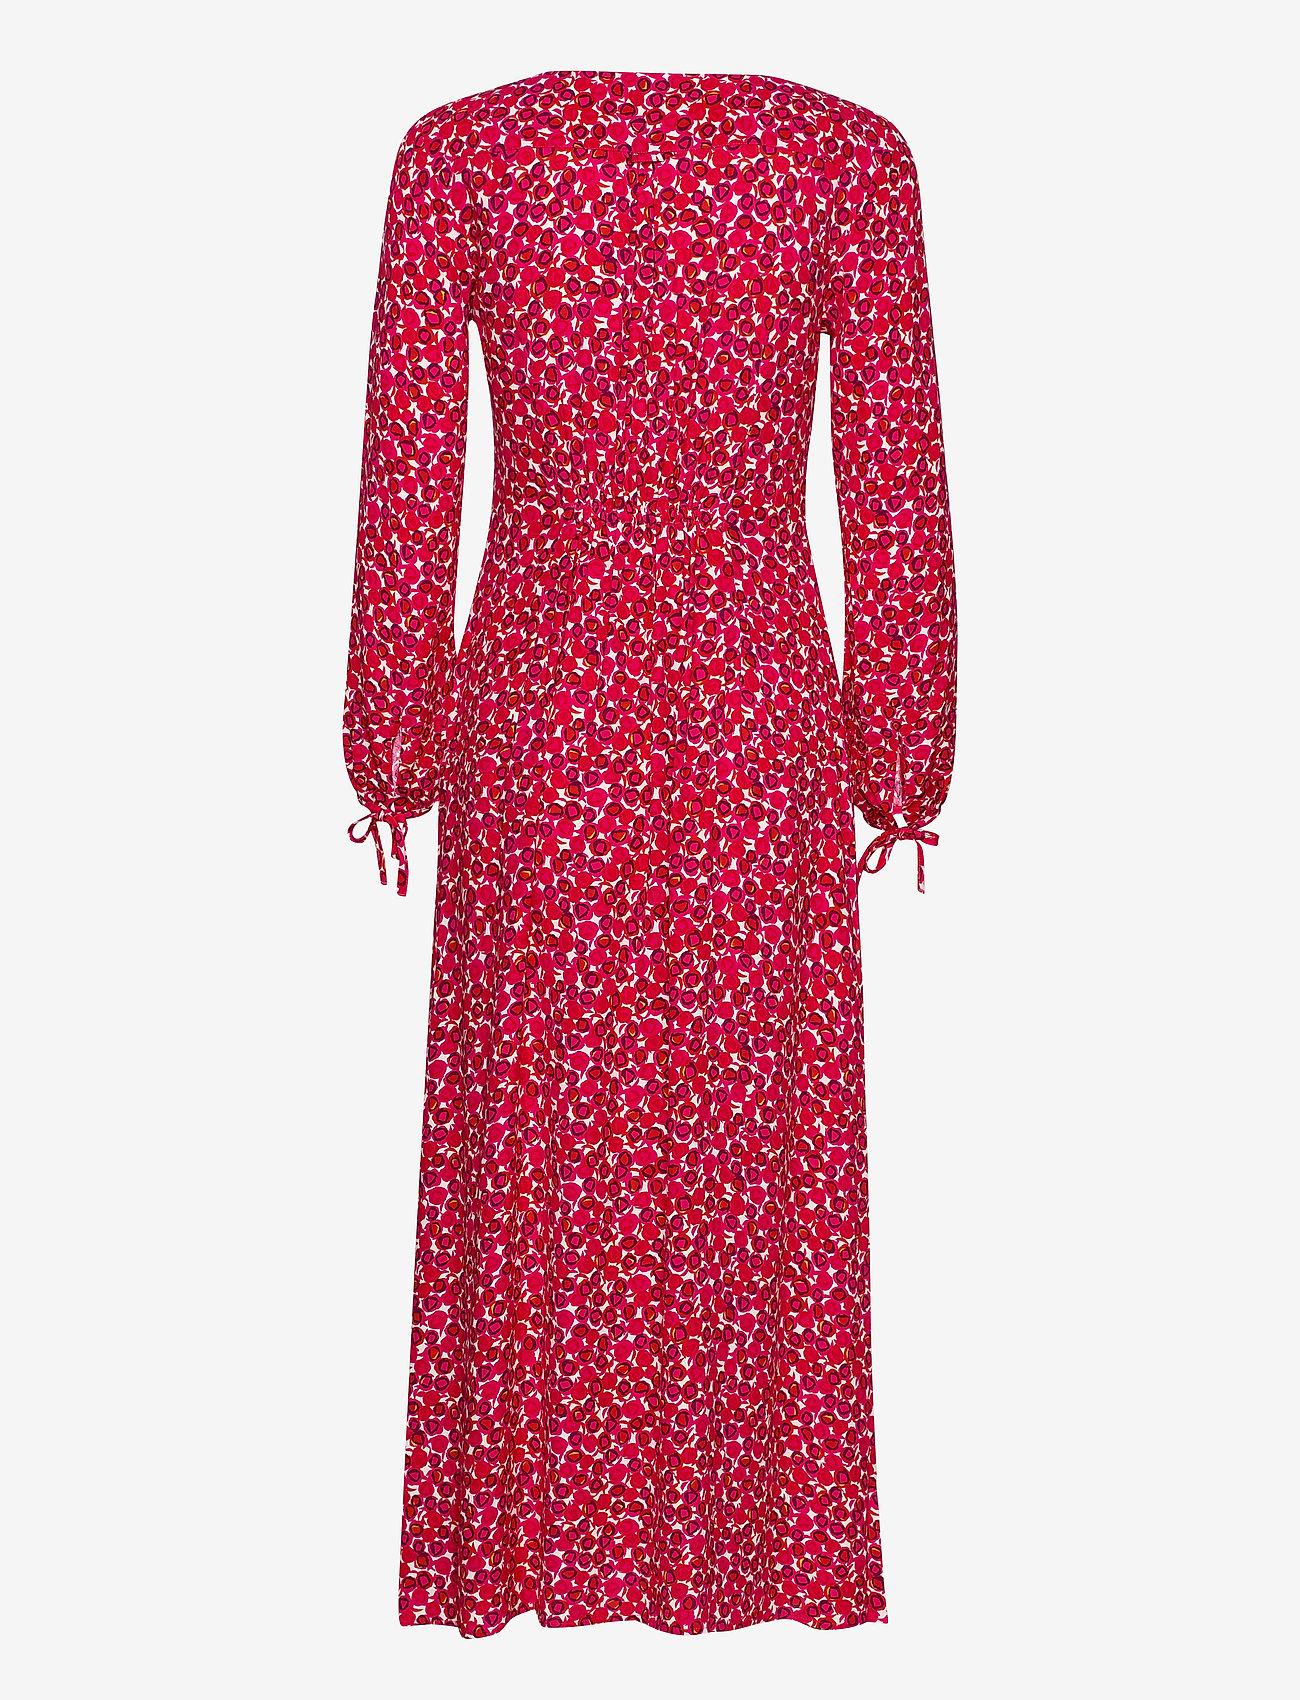 D1. Desert Rose Viscose Dress (Rich Pink) (2300 kr) - Gant